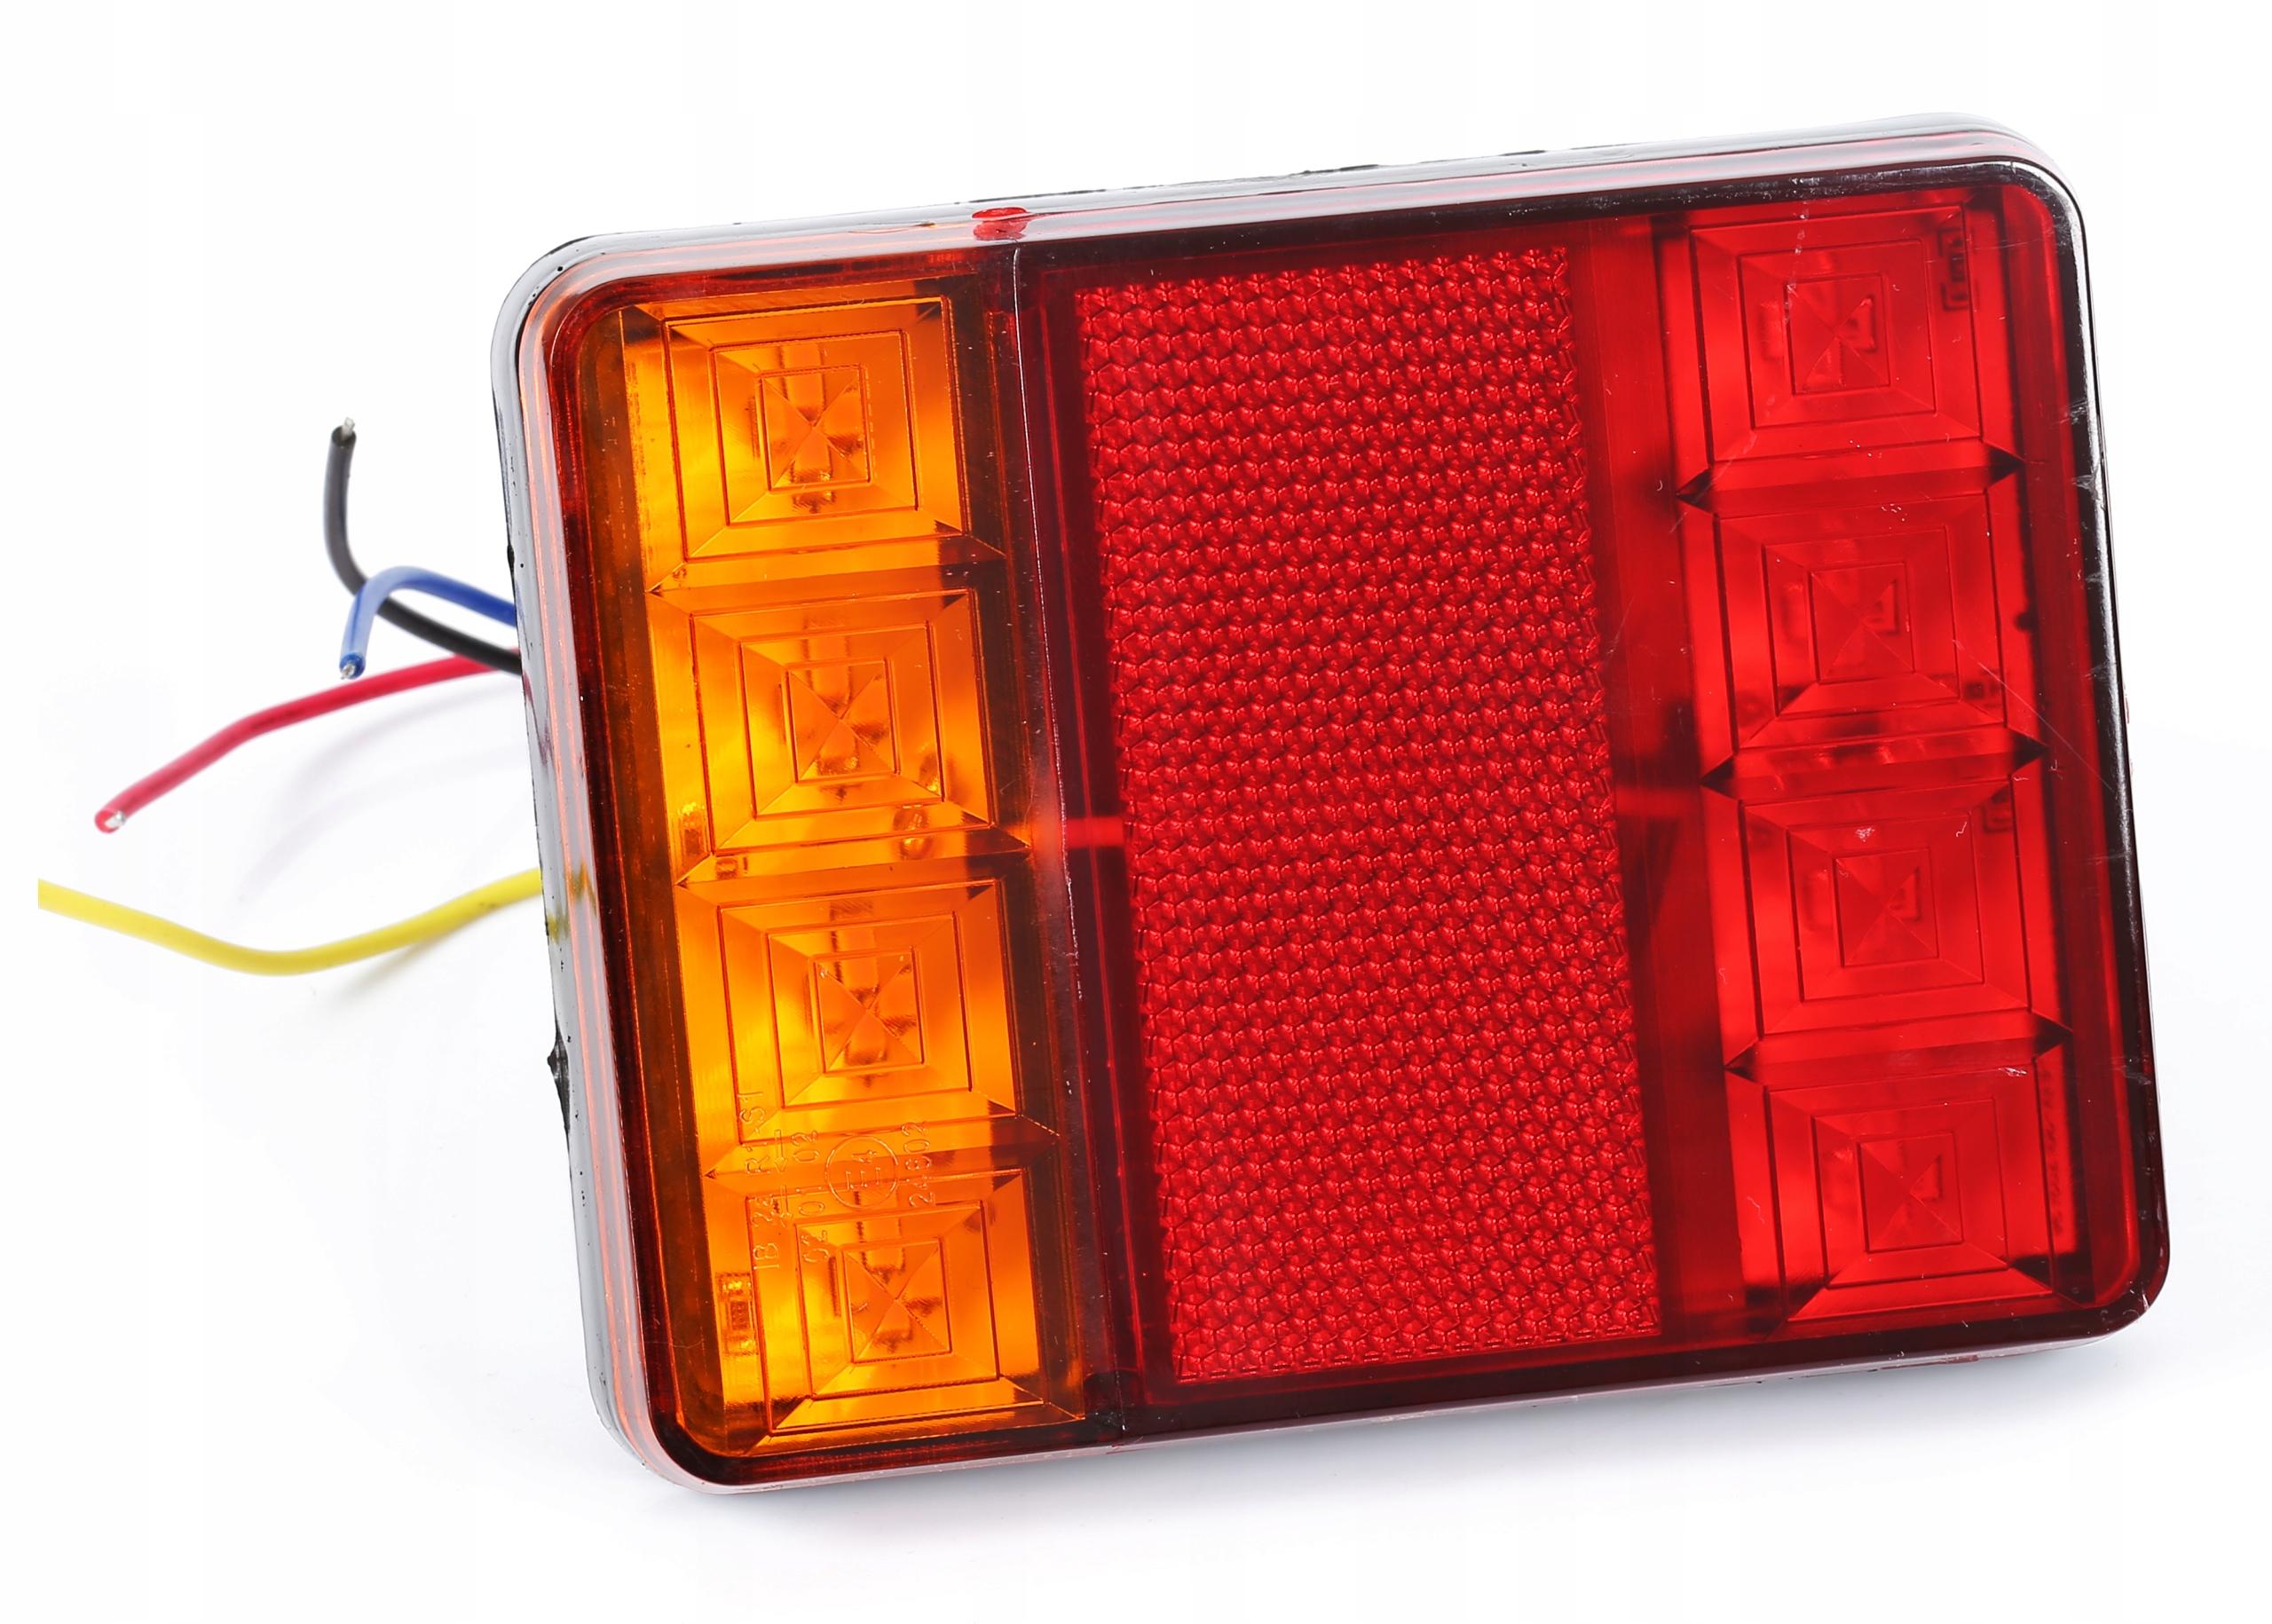 лампа мост прицепа фонарь led диодов 12v